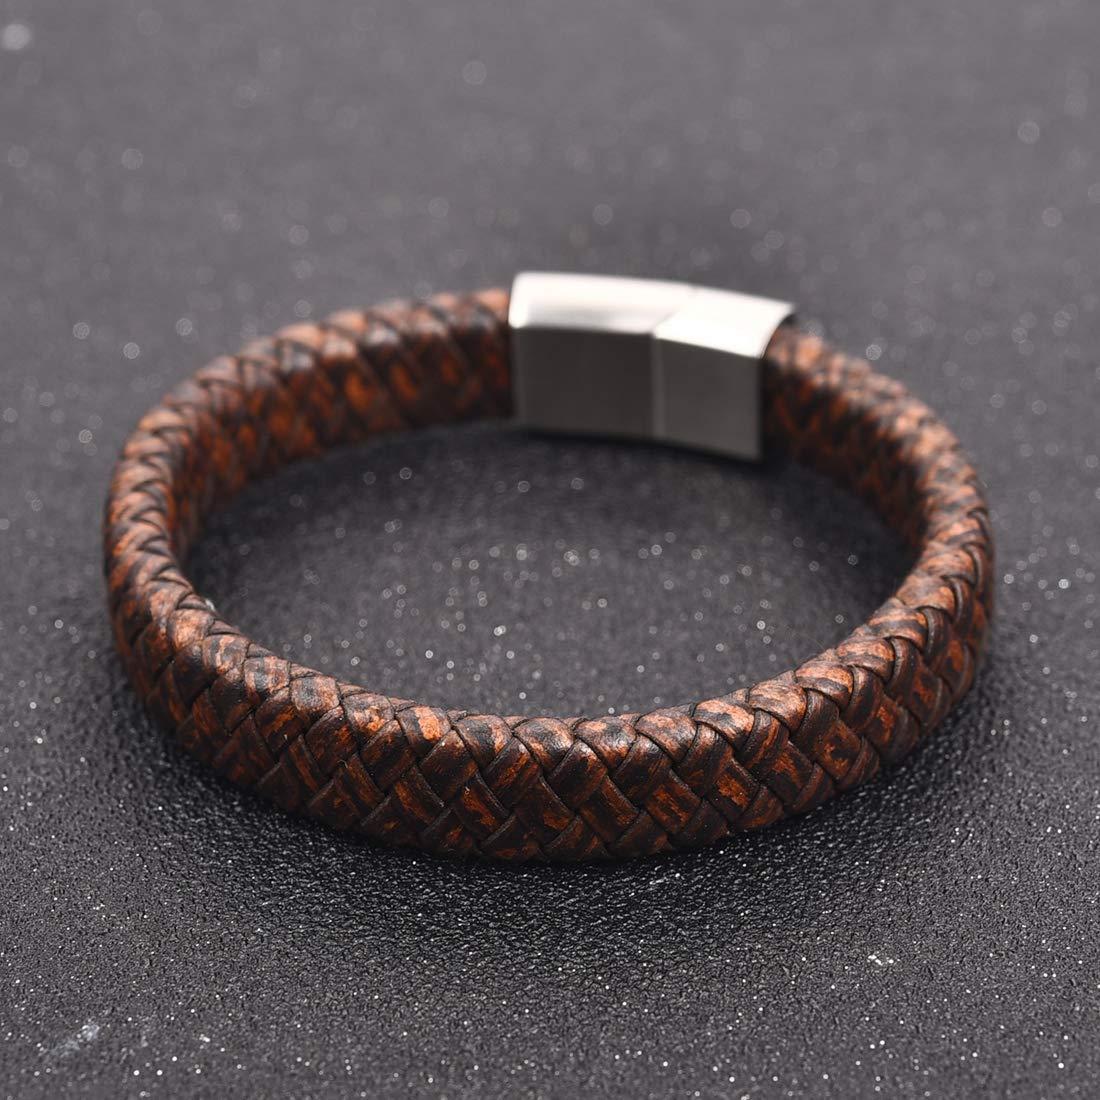 03fd7a064039d DALARAN Bracelet en Cuir Marron pour Homme Bracelet Fait Main Bracelet en Acier  Inoxydable avec Fermoir magnétique 7.3